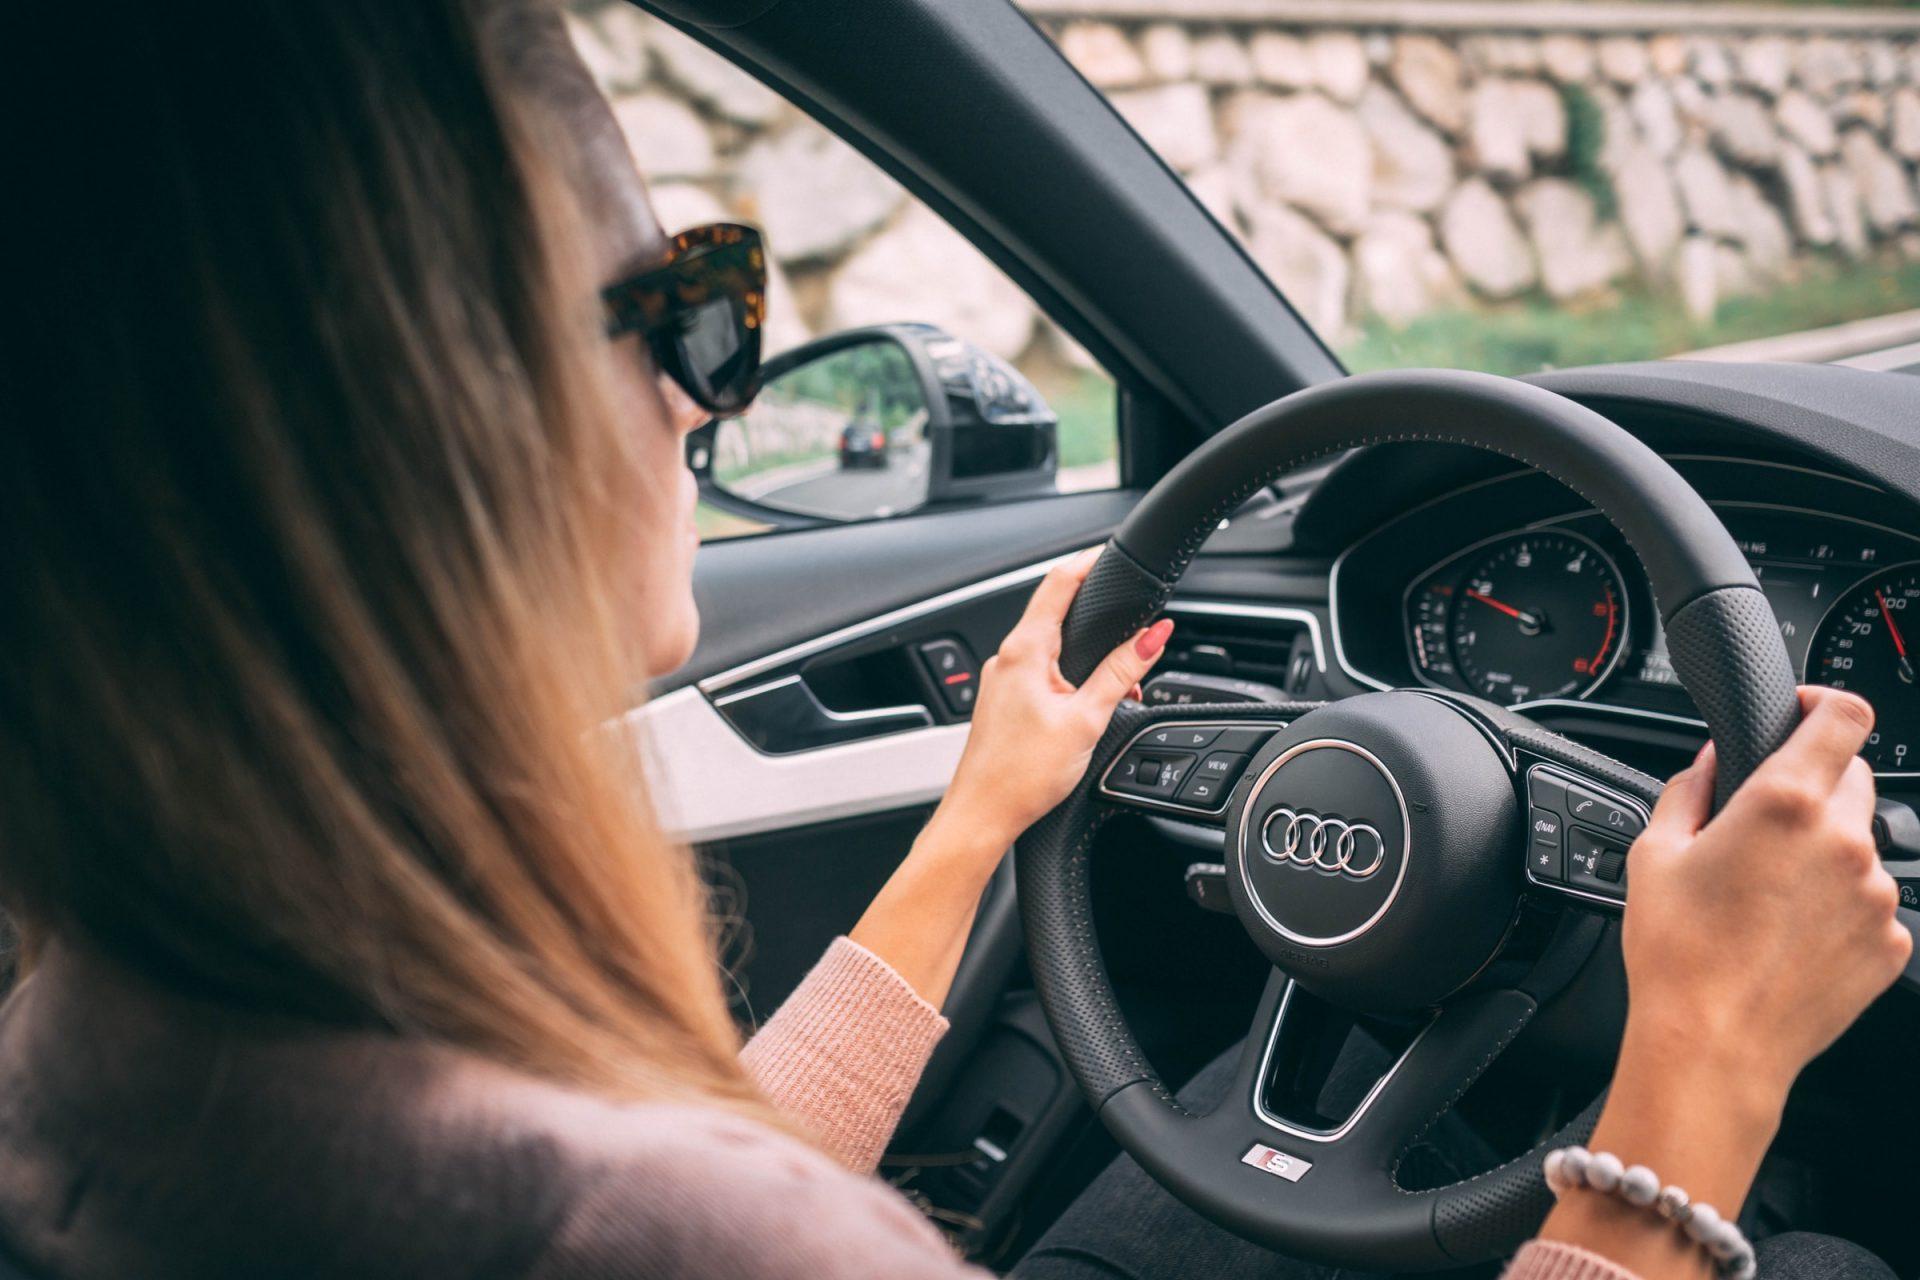 Kobiety jeżdżą lepiej niż mężczyźni? Na pewno robią to bezpieczniej